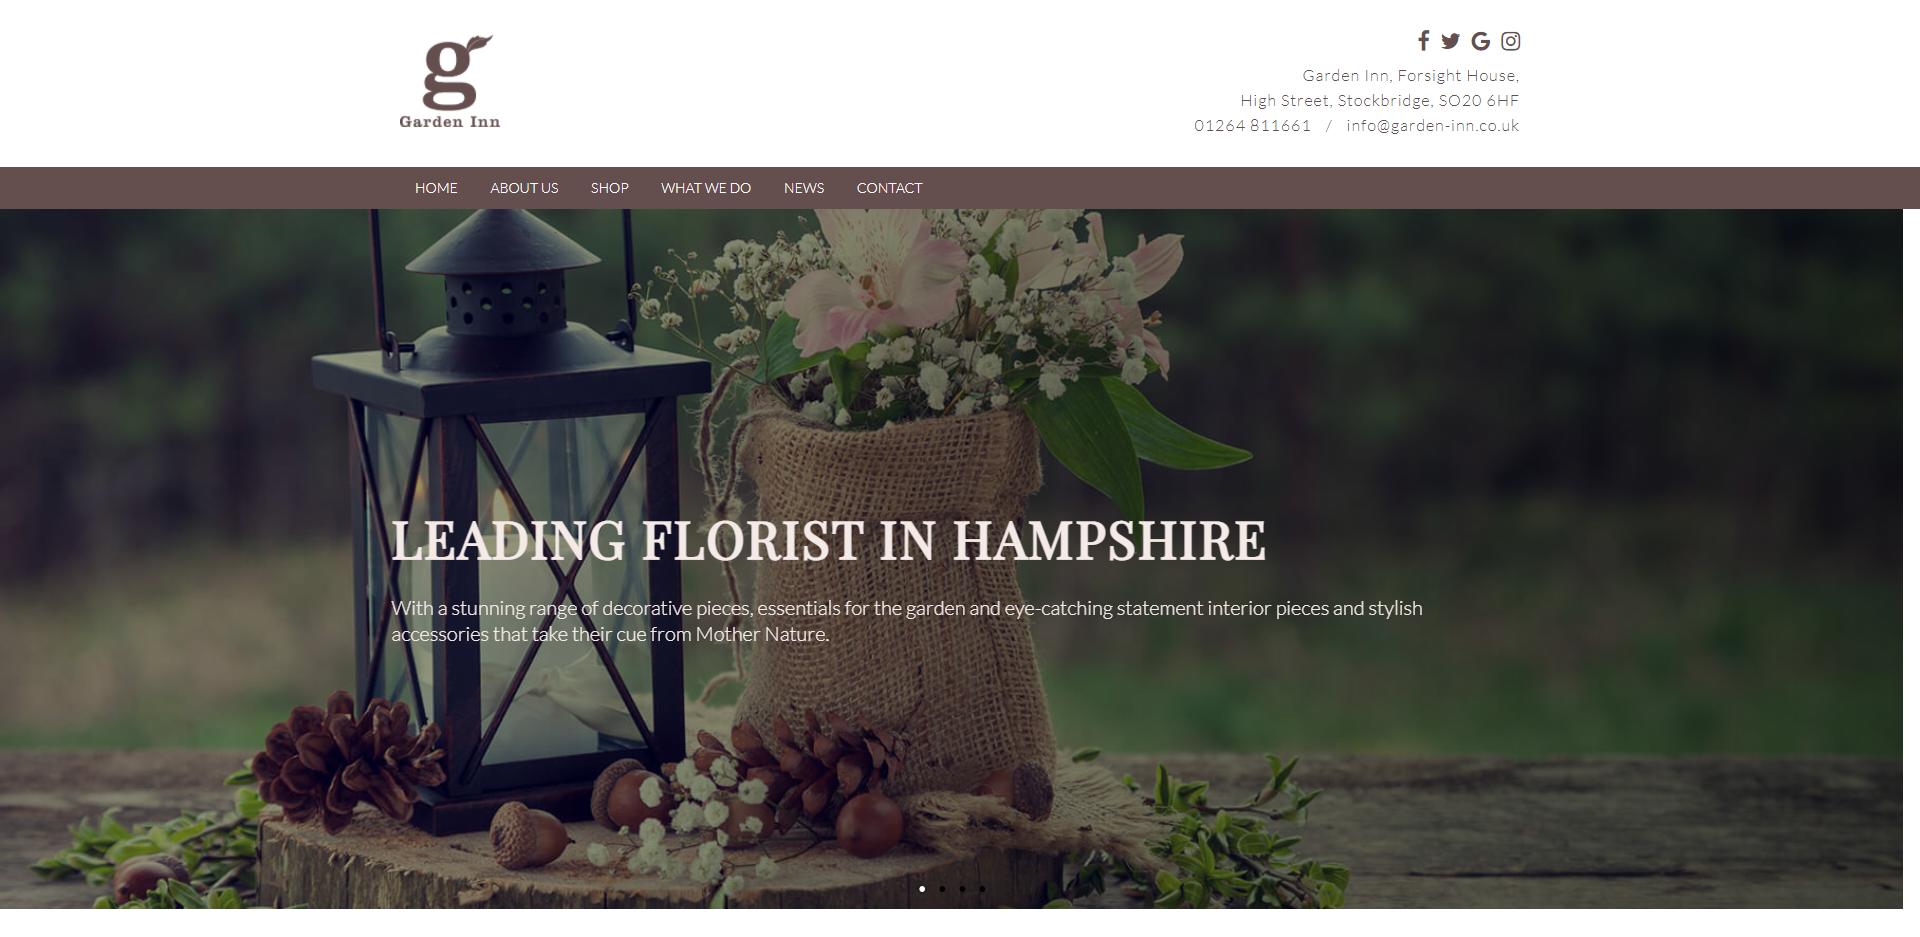 Garden Inn Florist